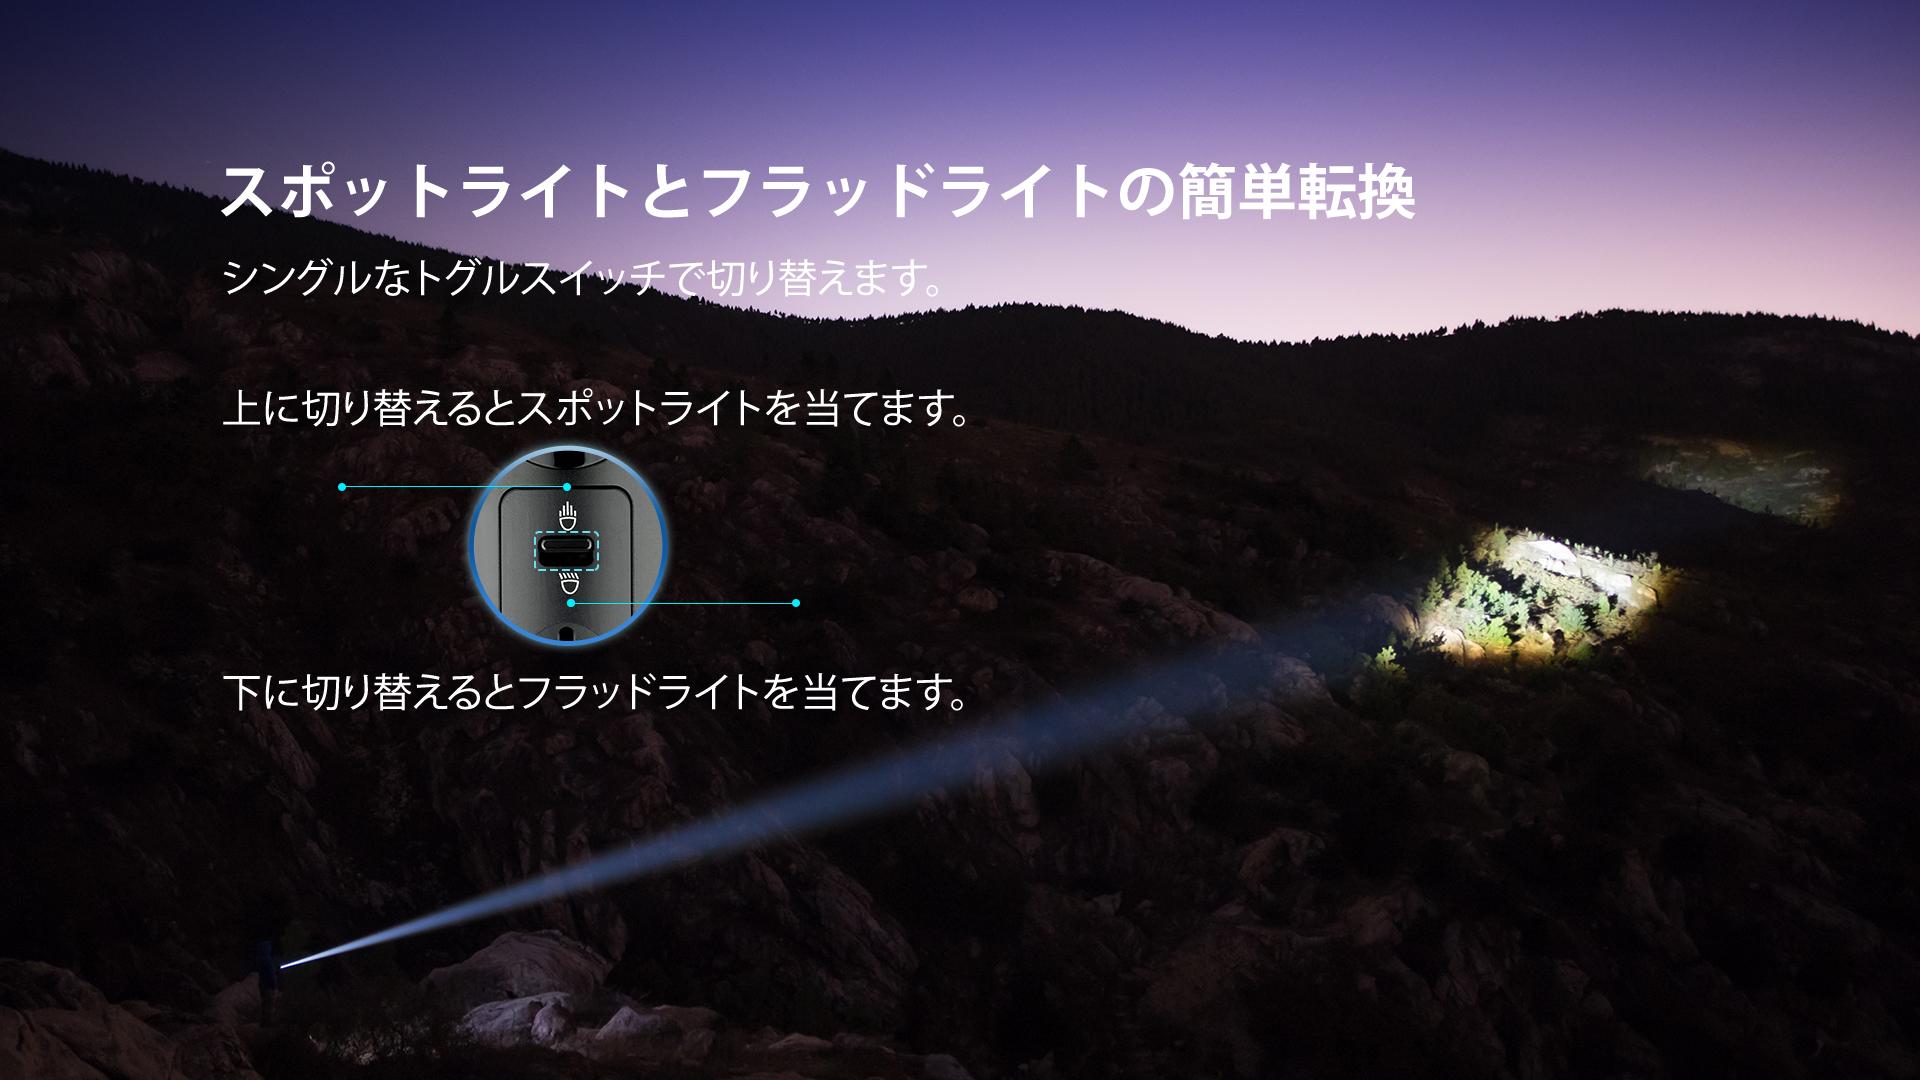 ワンクリックでスポットライトとフラッドライトを切り替えます。 上向きの調整はスポットライトモードで、下向きの調整は投光照明モードです。